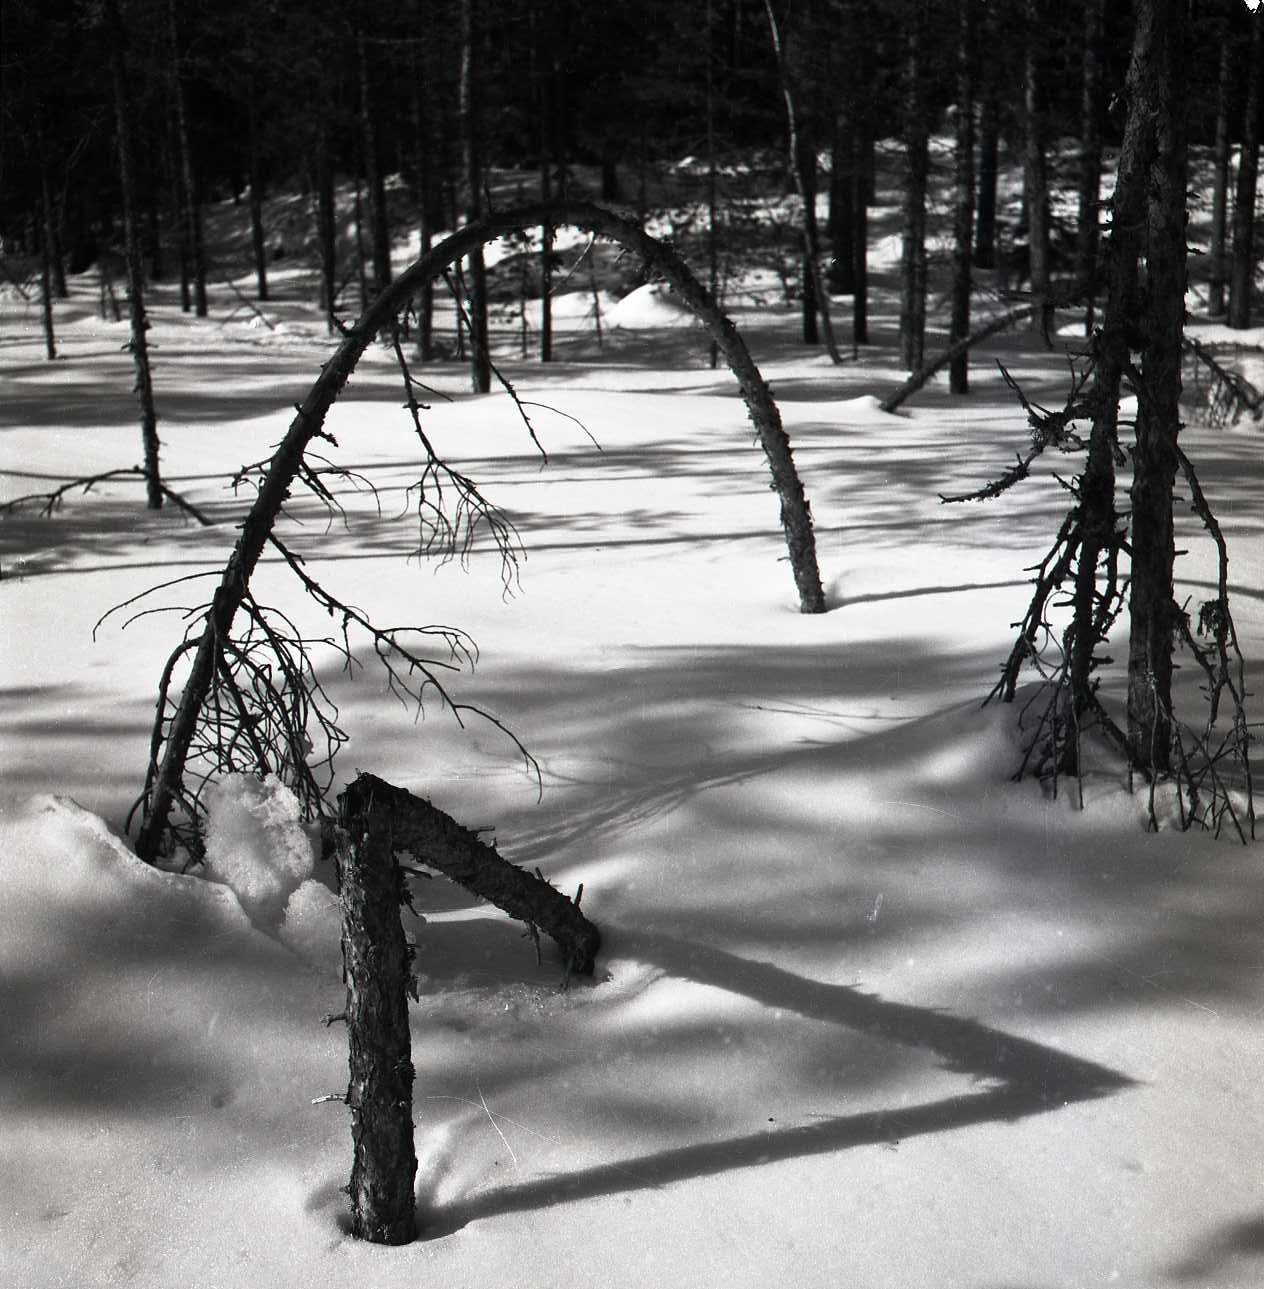 M 106 965: Snöbåge på heden, mars 1951. Foto: Hilding Mickelsson©